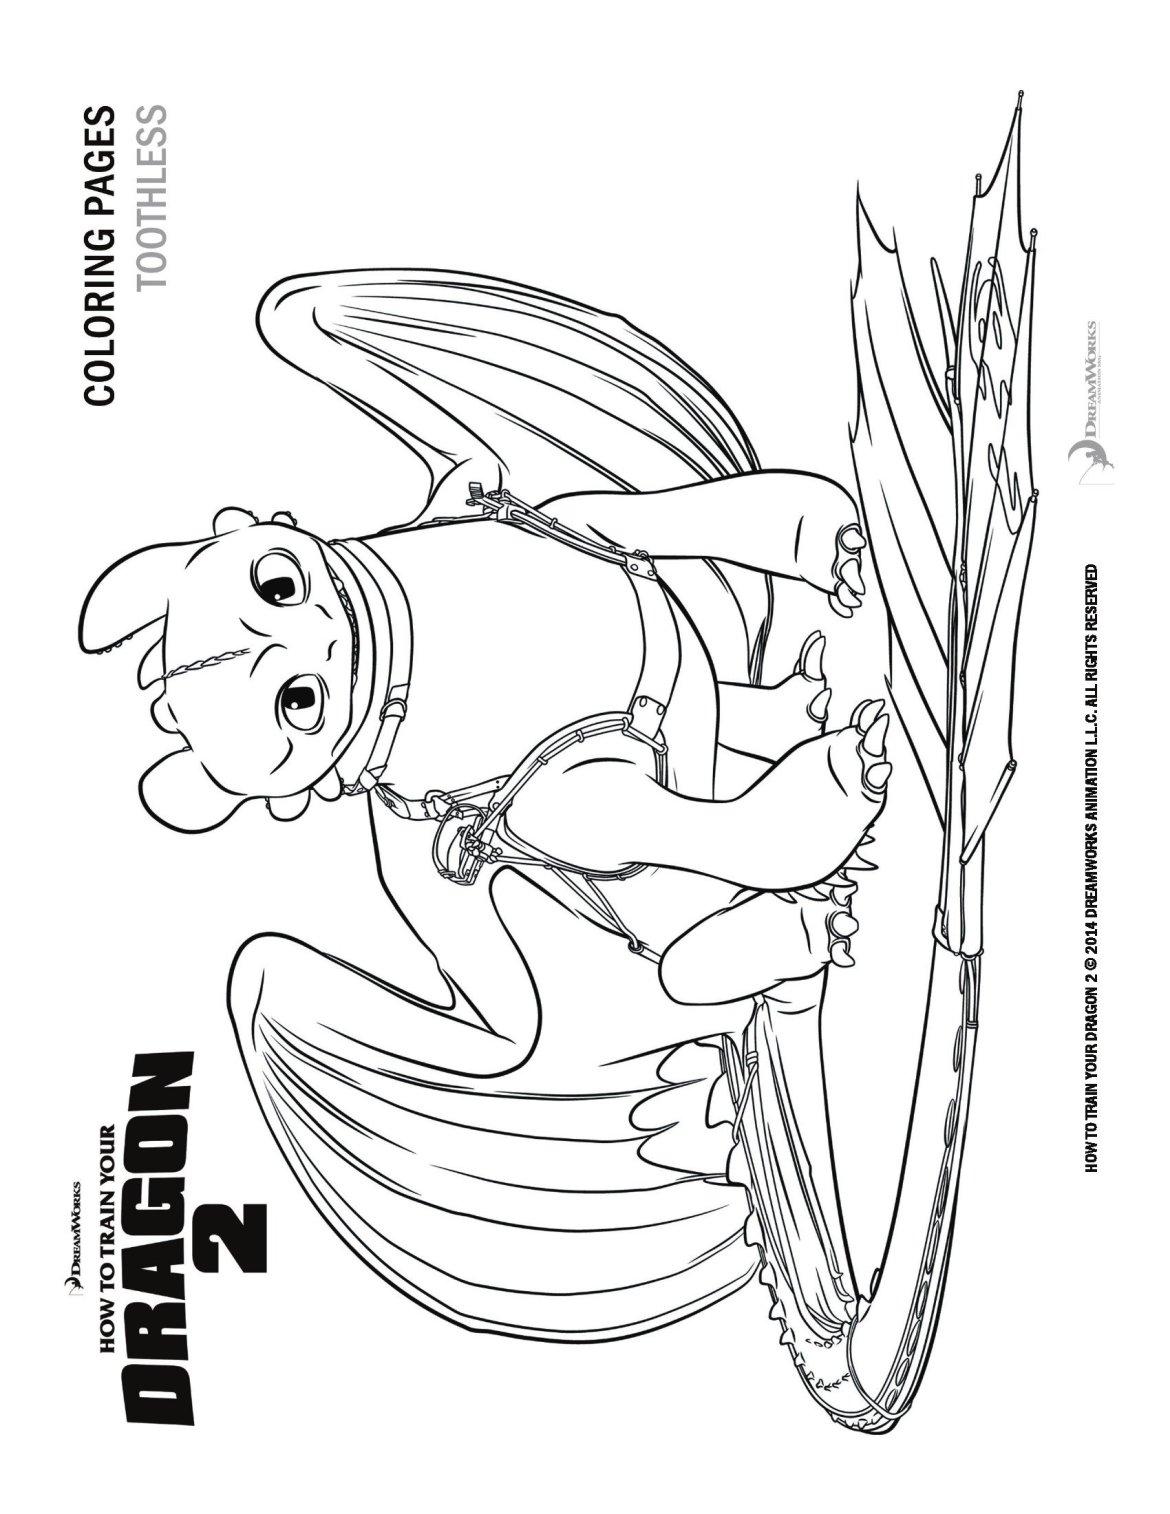 Elegante Dragon Trainer 2 Disegni Da Stampare E Colorare Migliori